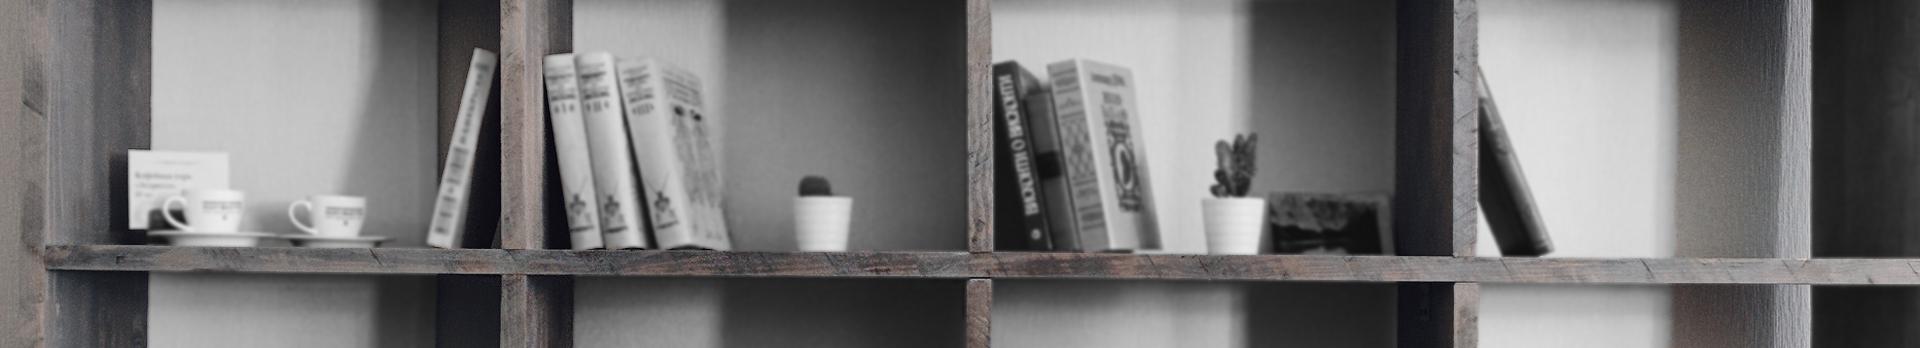 Muebles Organizadores | Ordenación y Almacenaje | Mobelfy ®